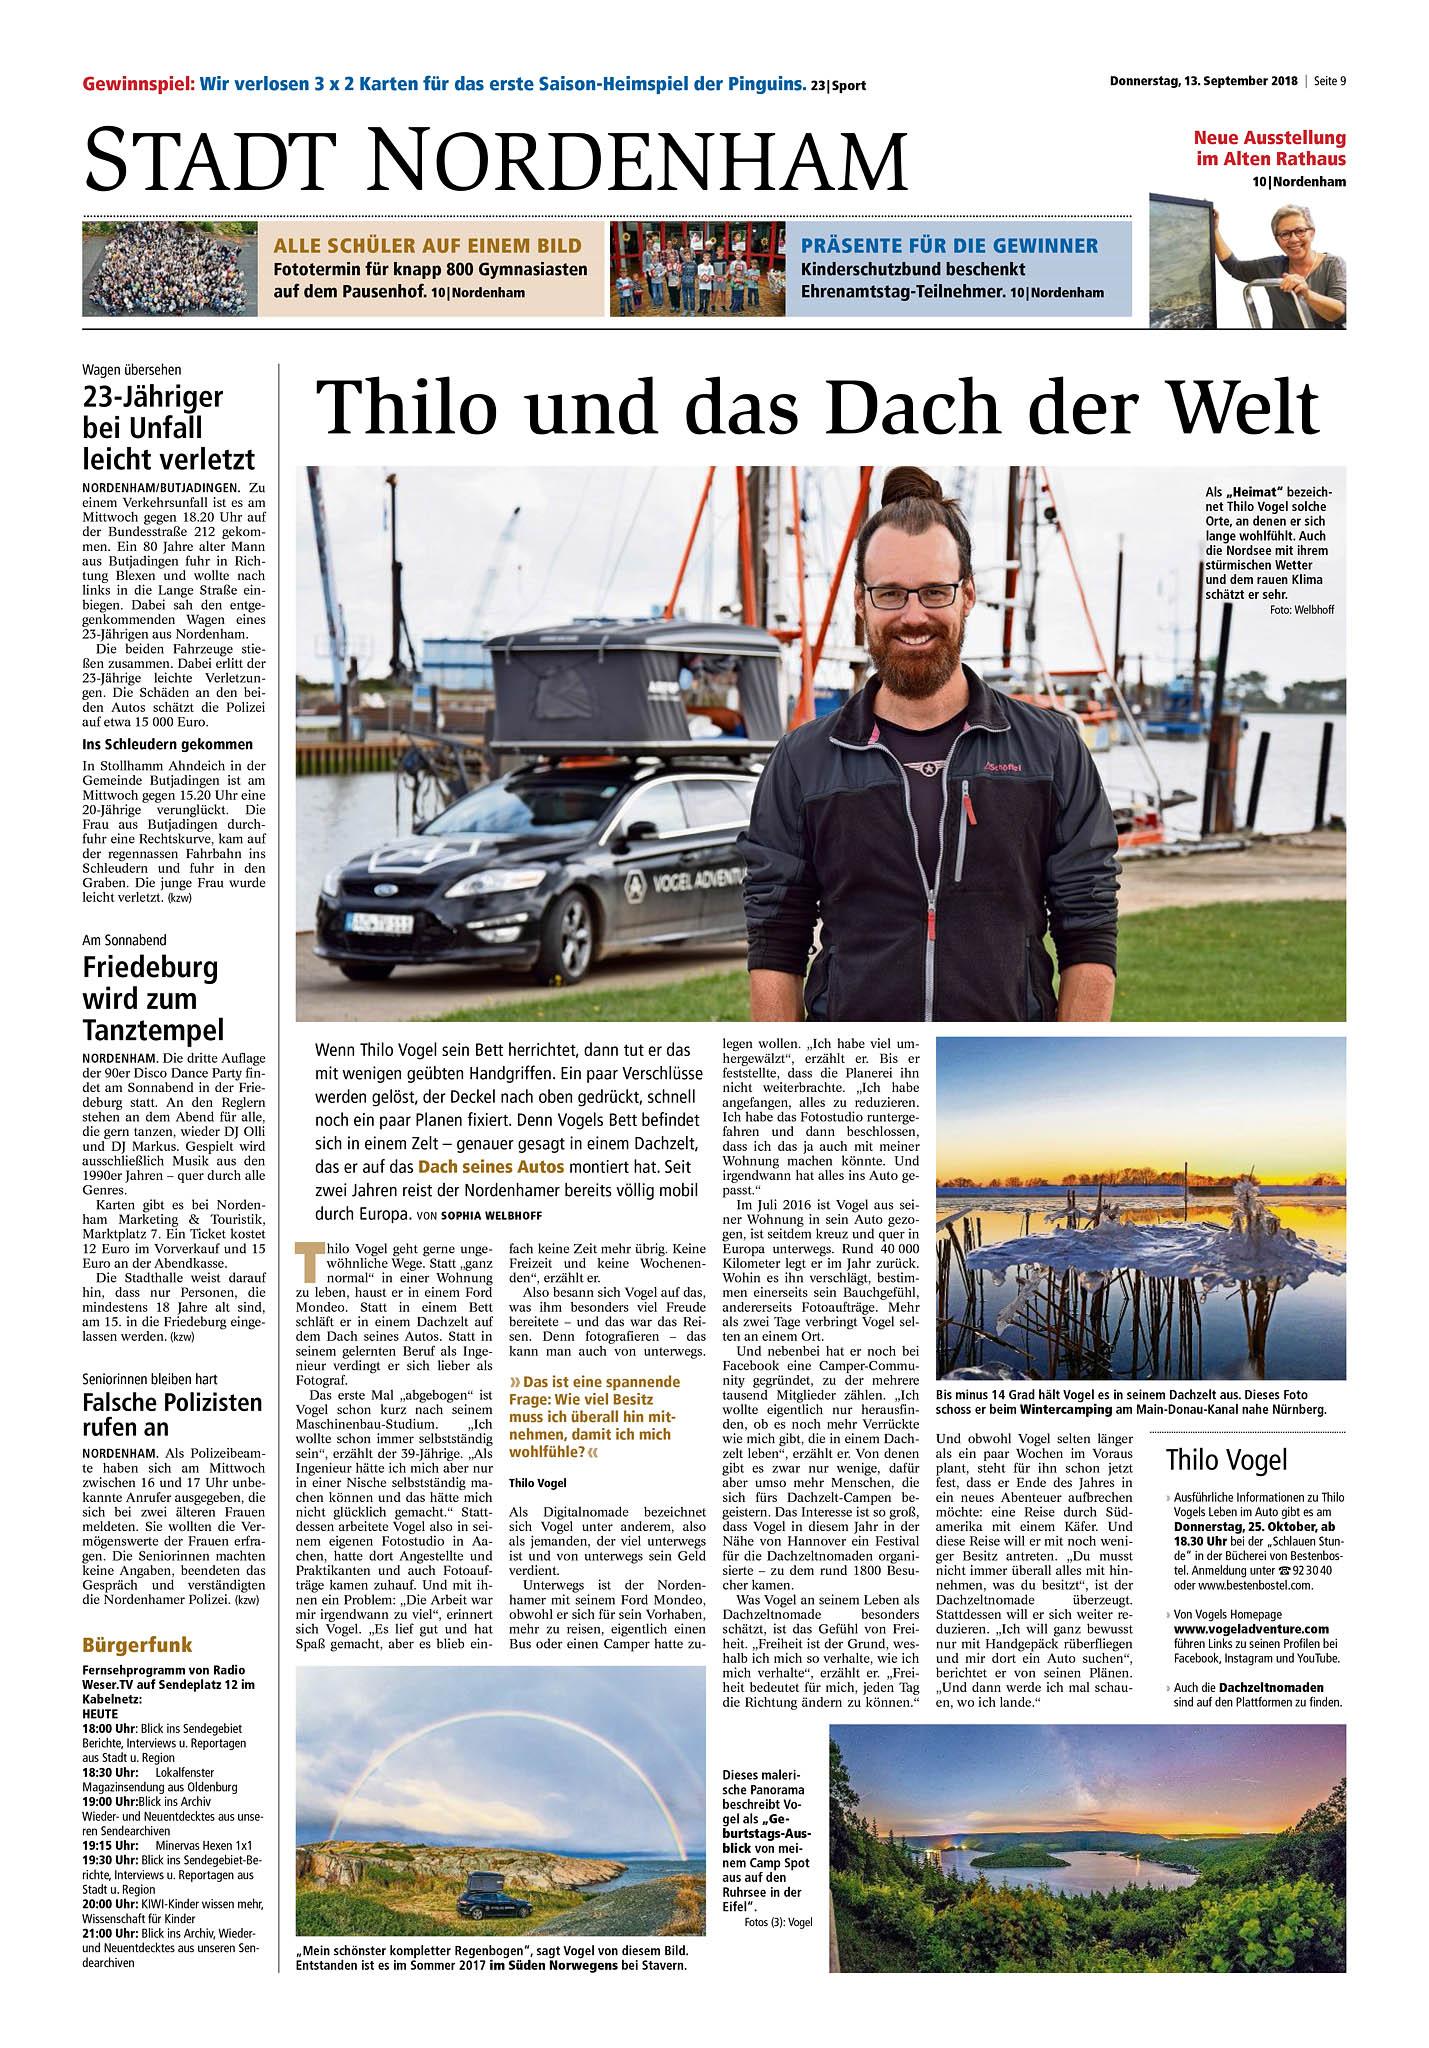 """""""Thilo und das Dach der Welt"""" - Der komplette Artikel der Kreiszeitung Wesermarsch vom 13.09.2018."""